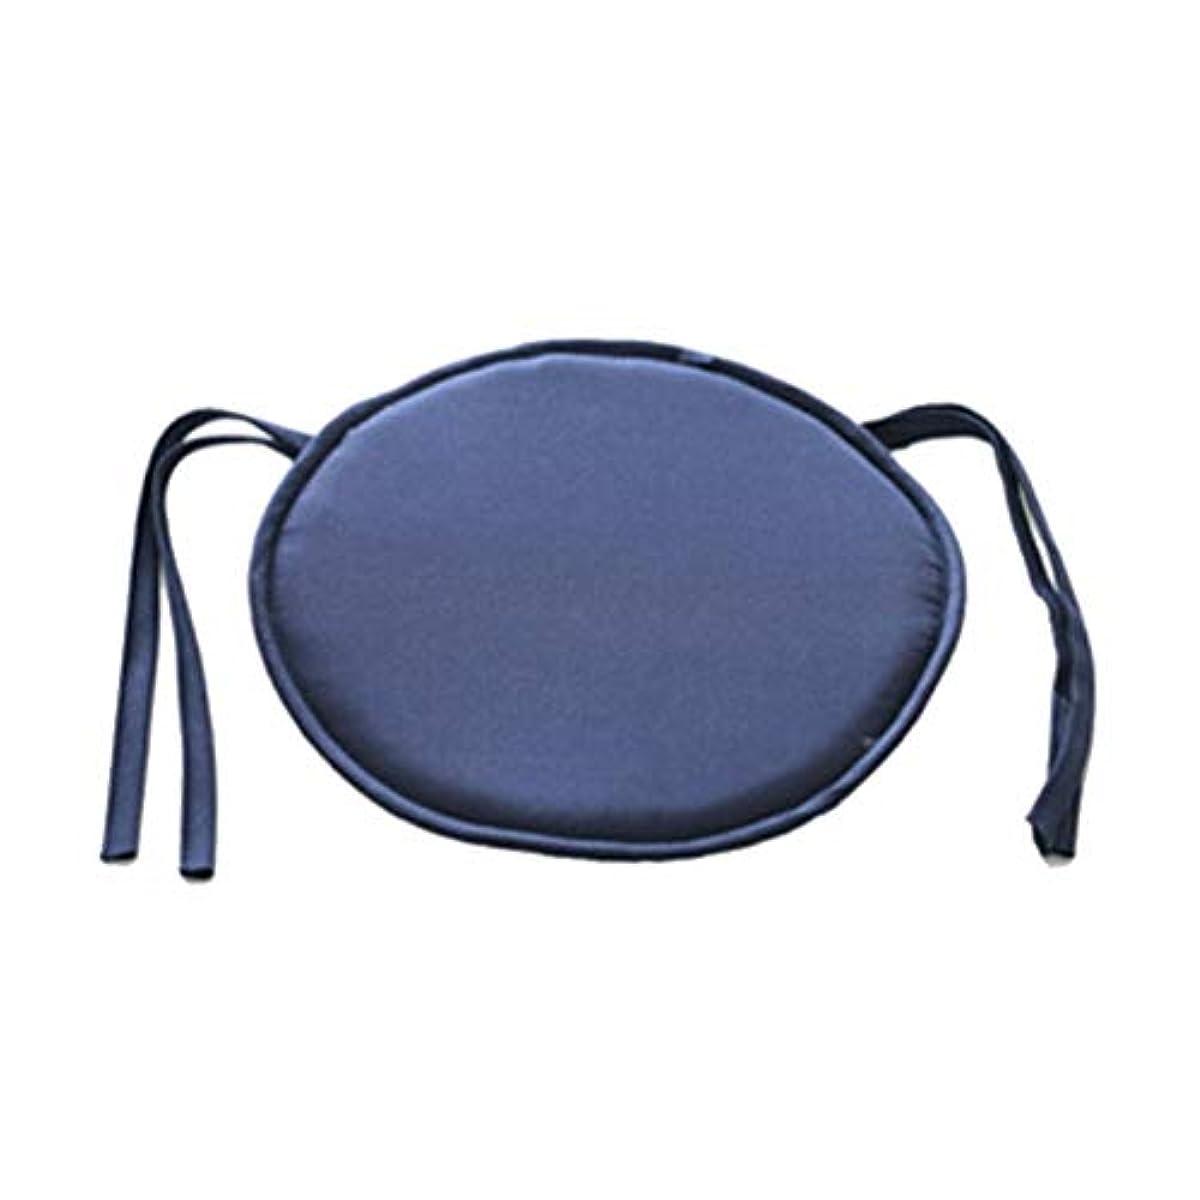 それに応じてスクランブルガチョウLIFE ホット販売ラウンドチェアクッション屋内ポップパティオオフィスチェアシートパッドネクタイスクエアガーデンキッチンダイニングクッション クッション 椅子